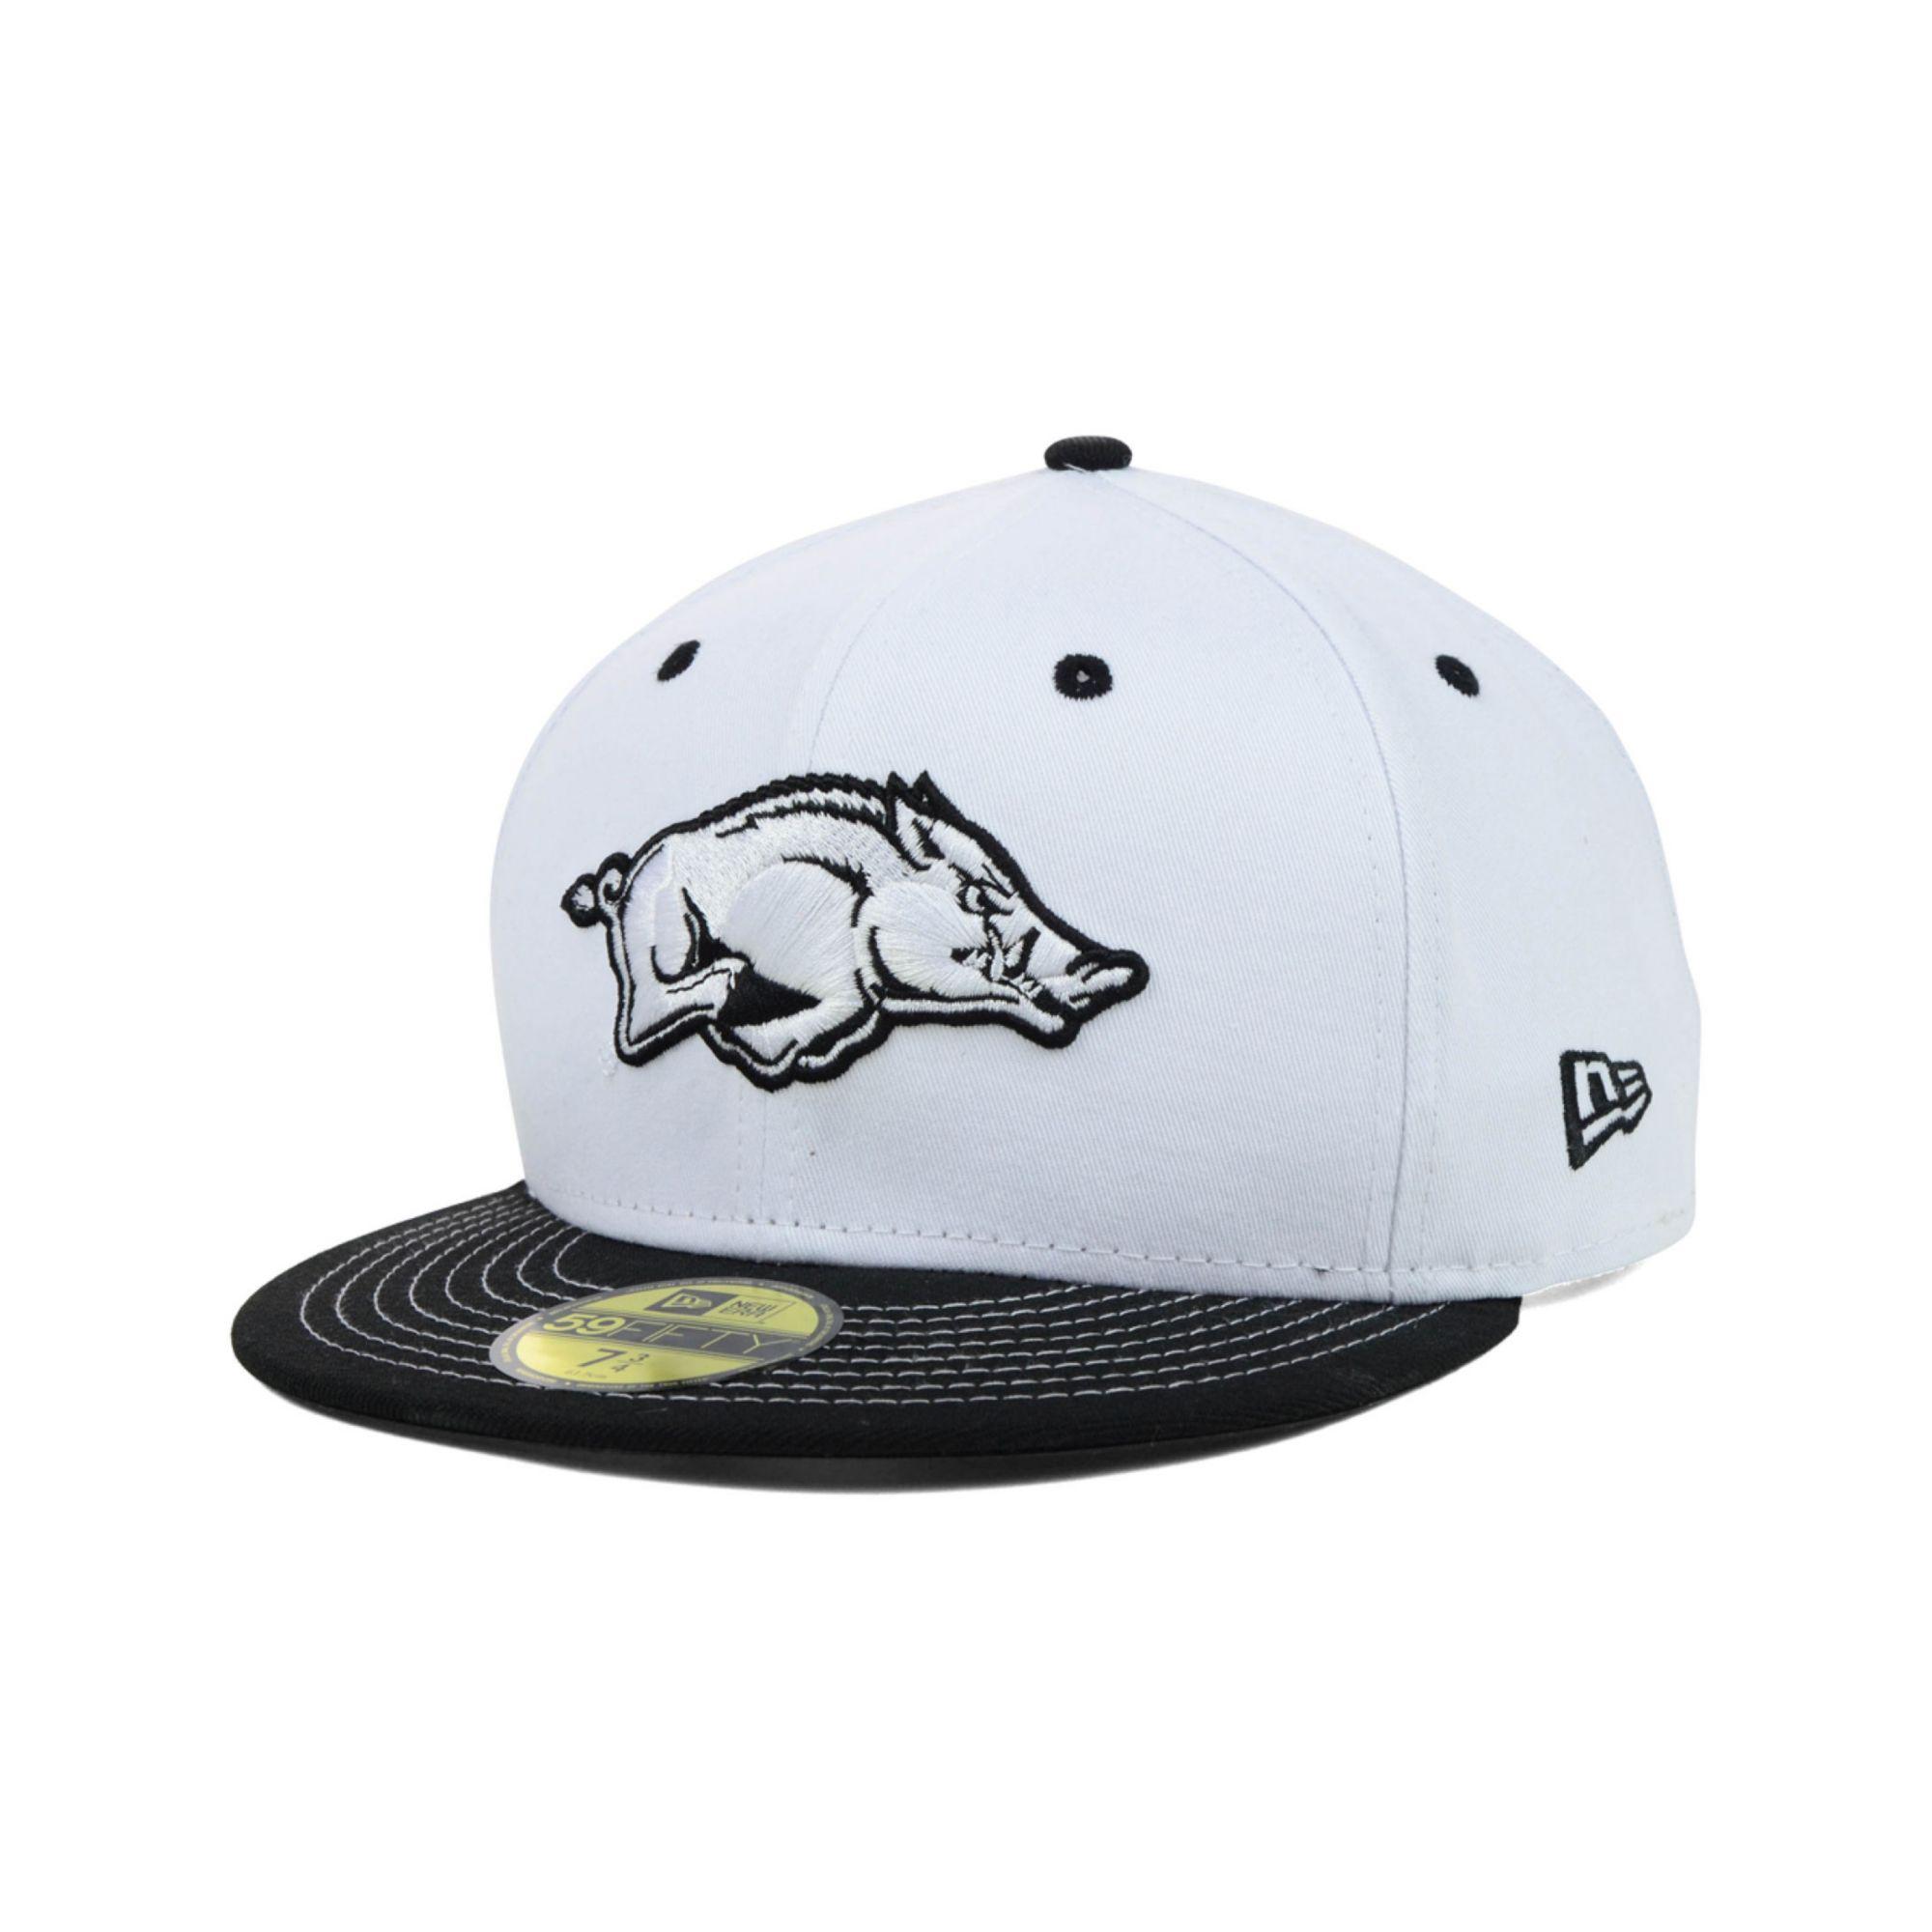 ... official lyst ktz arkansas razorbacks ncaa white black 59fifty cap in  white for men 926a2 10201 c186267e669